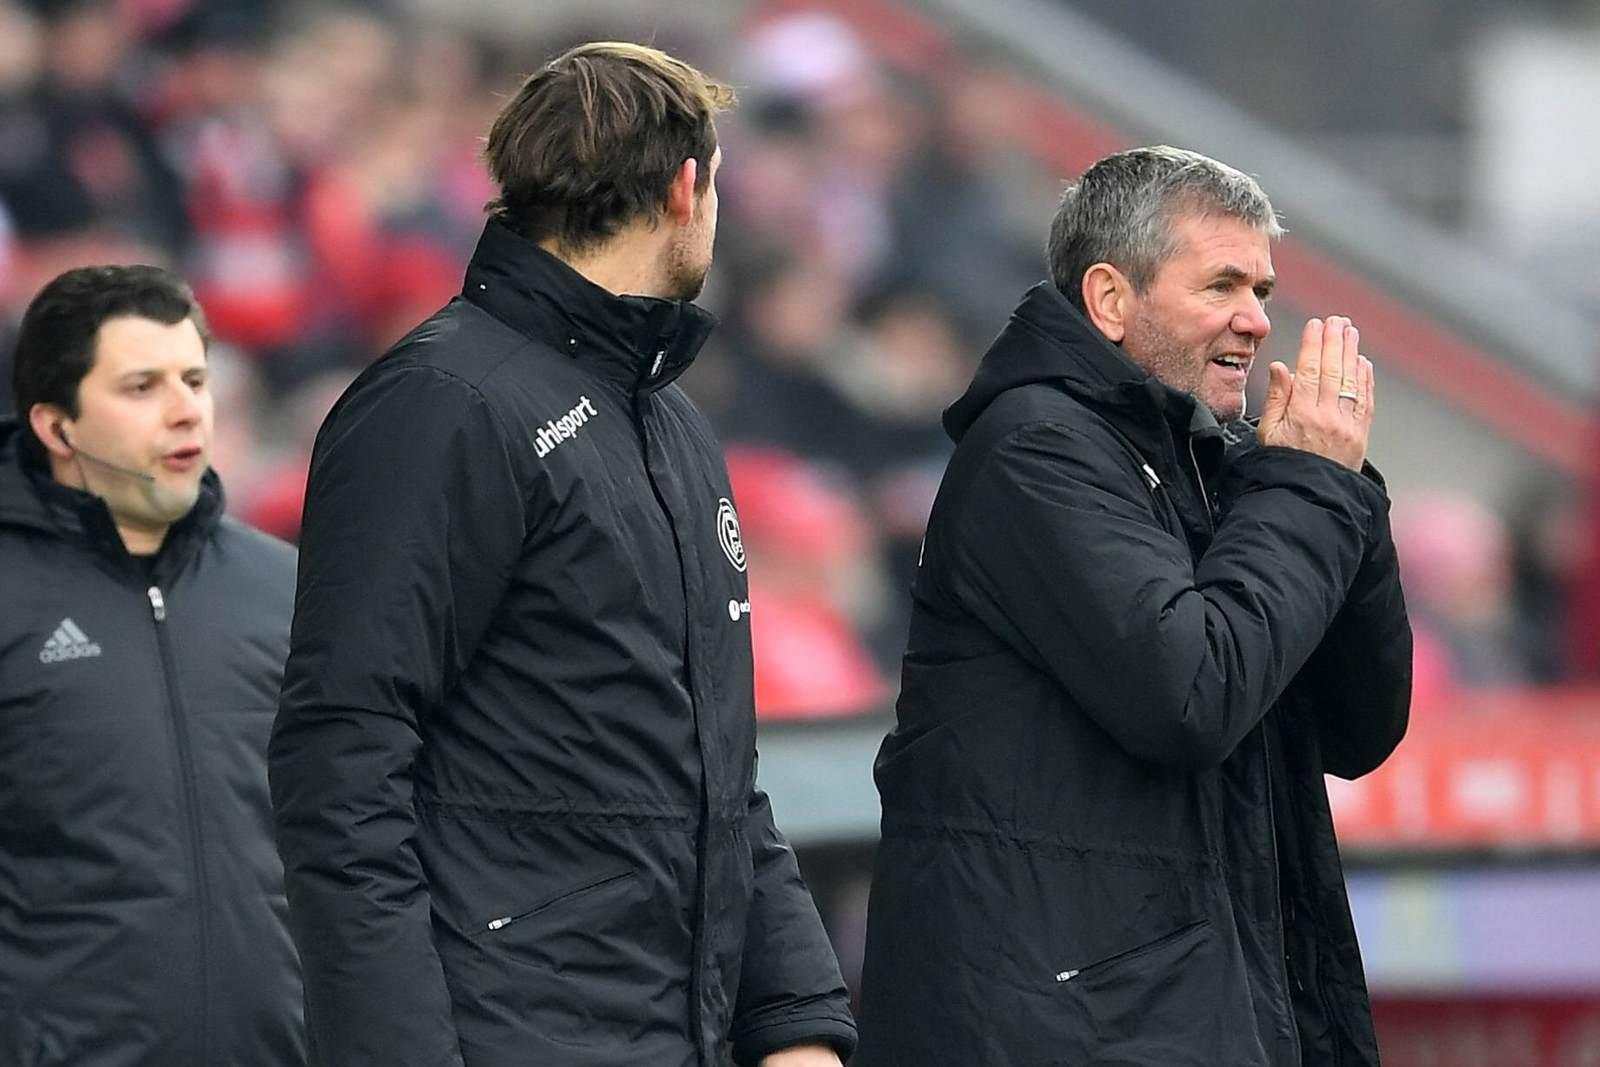 Friedhelm Funkel an der Seitenlinie beim Spiel Union Berlin gegen Fortuna Düsseldorf